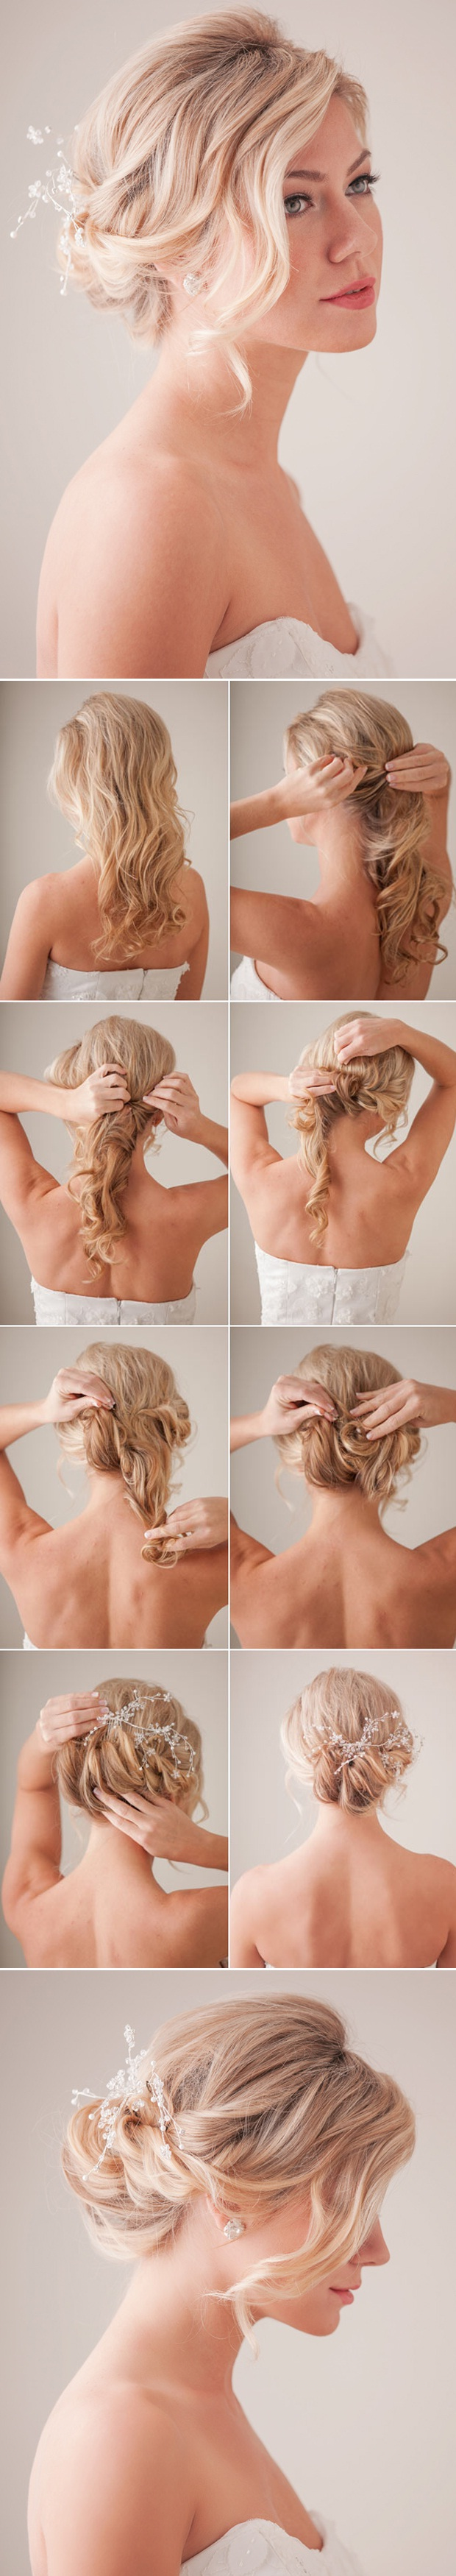 coiffures-de-mariage-5